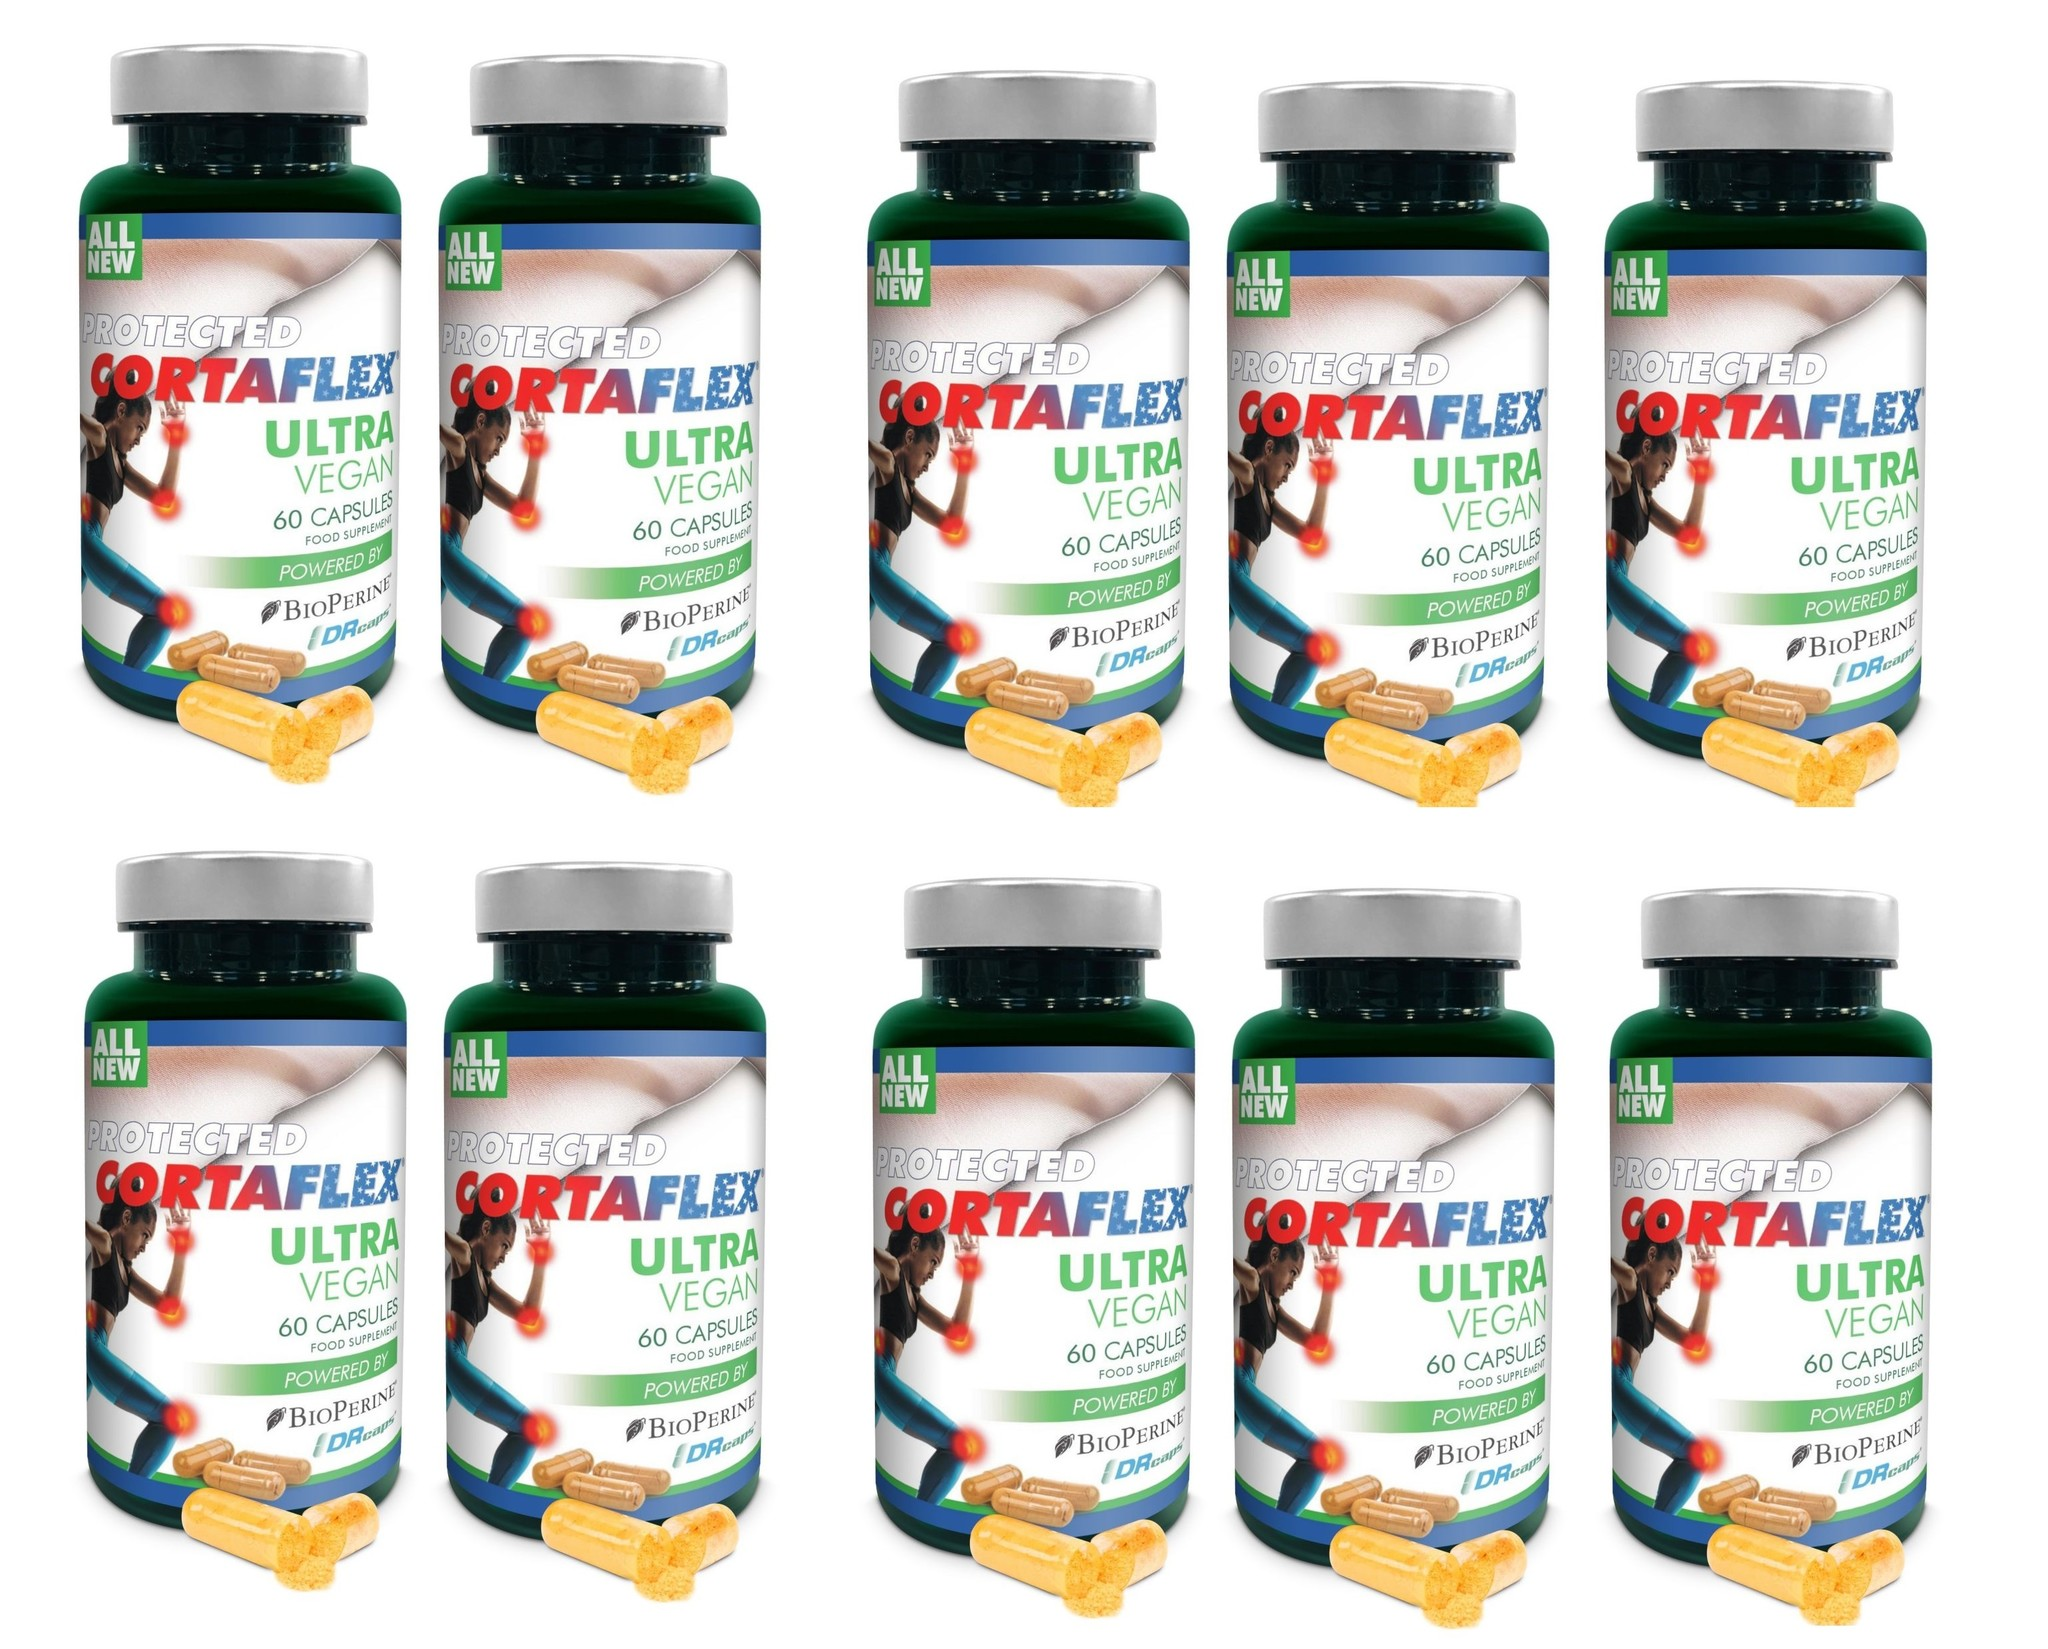 Dental Supps Protected Cortaflex Ultra Vegan, 60 Capsules, 10-packs